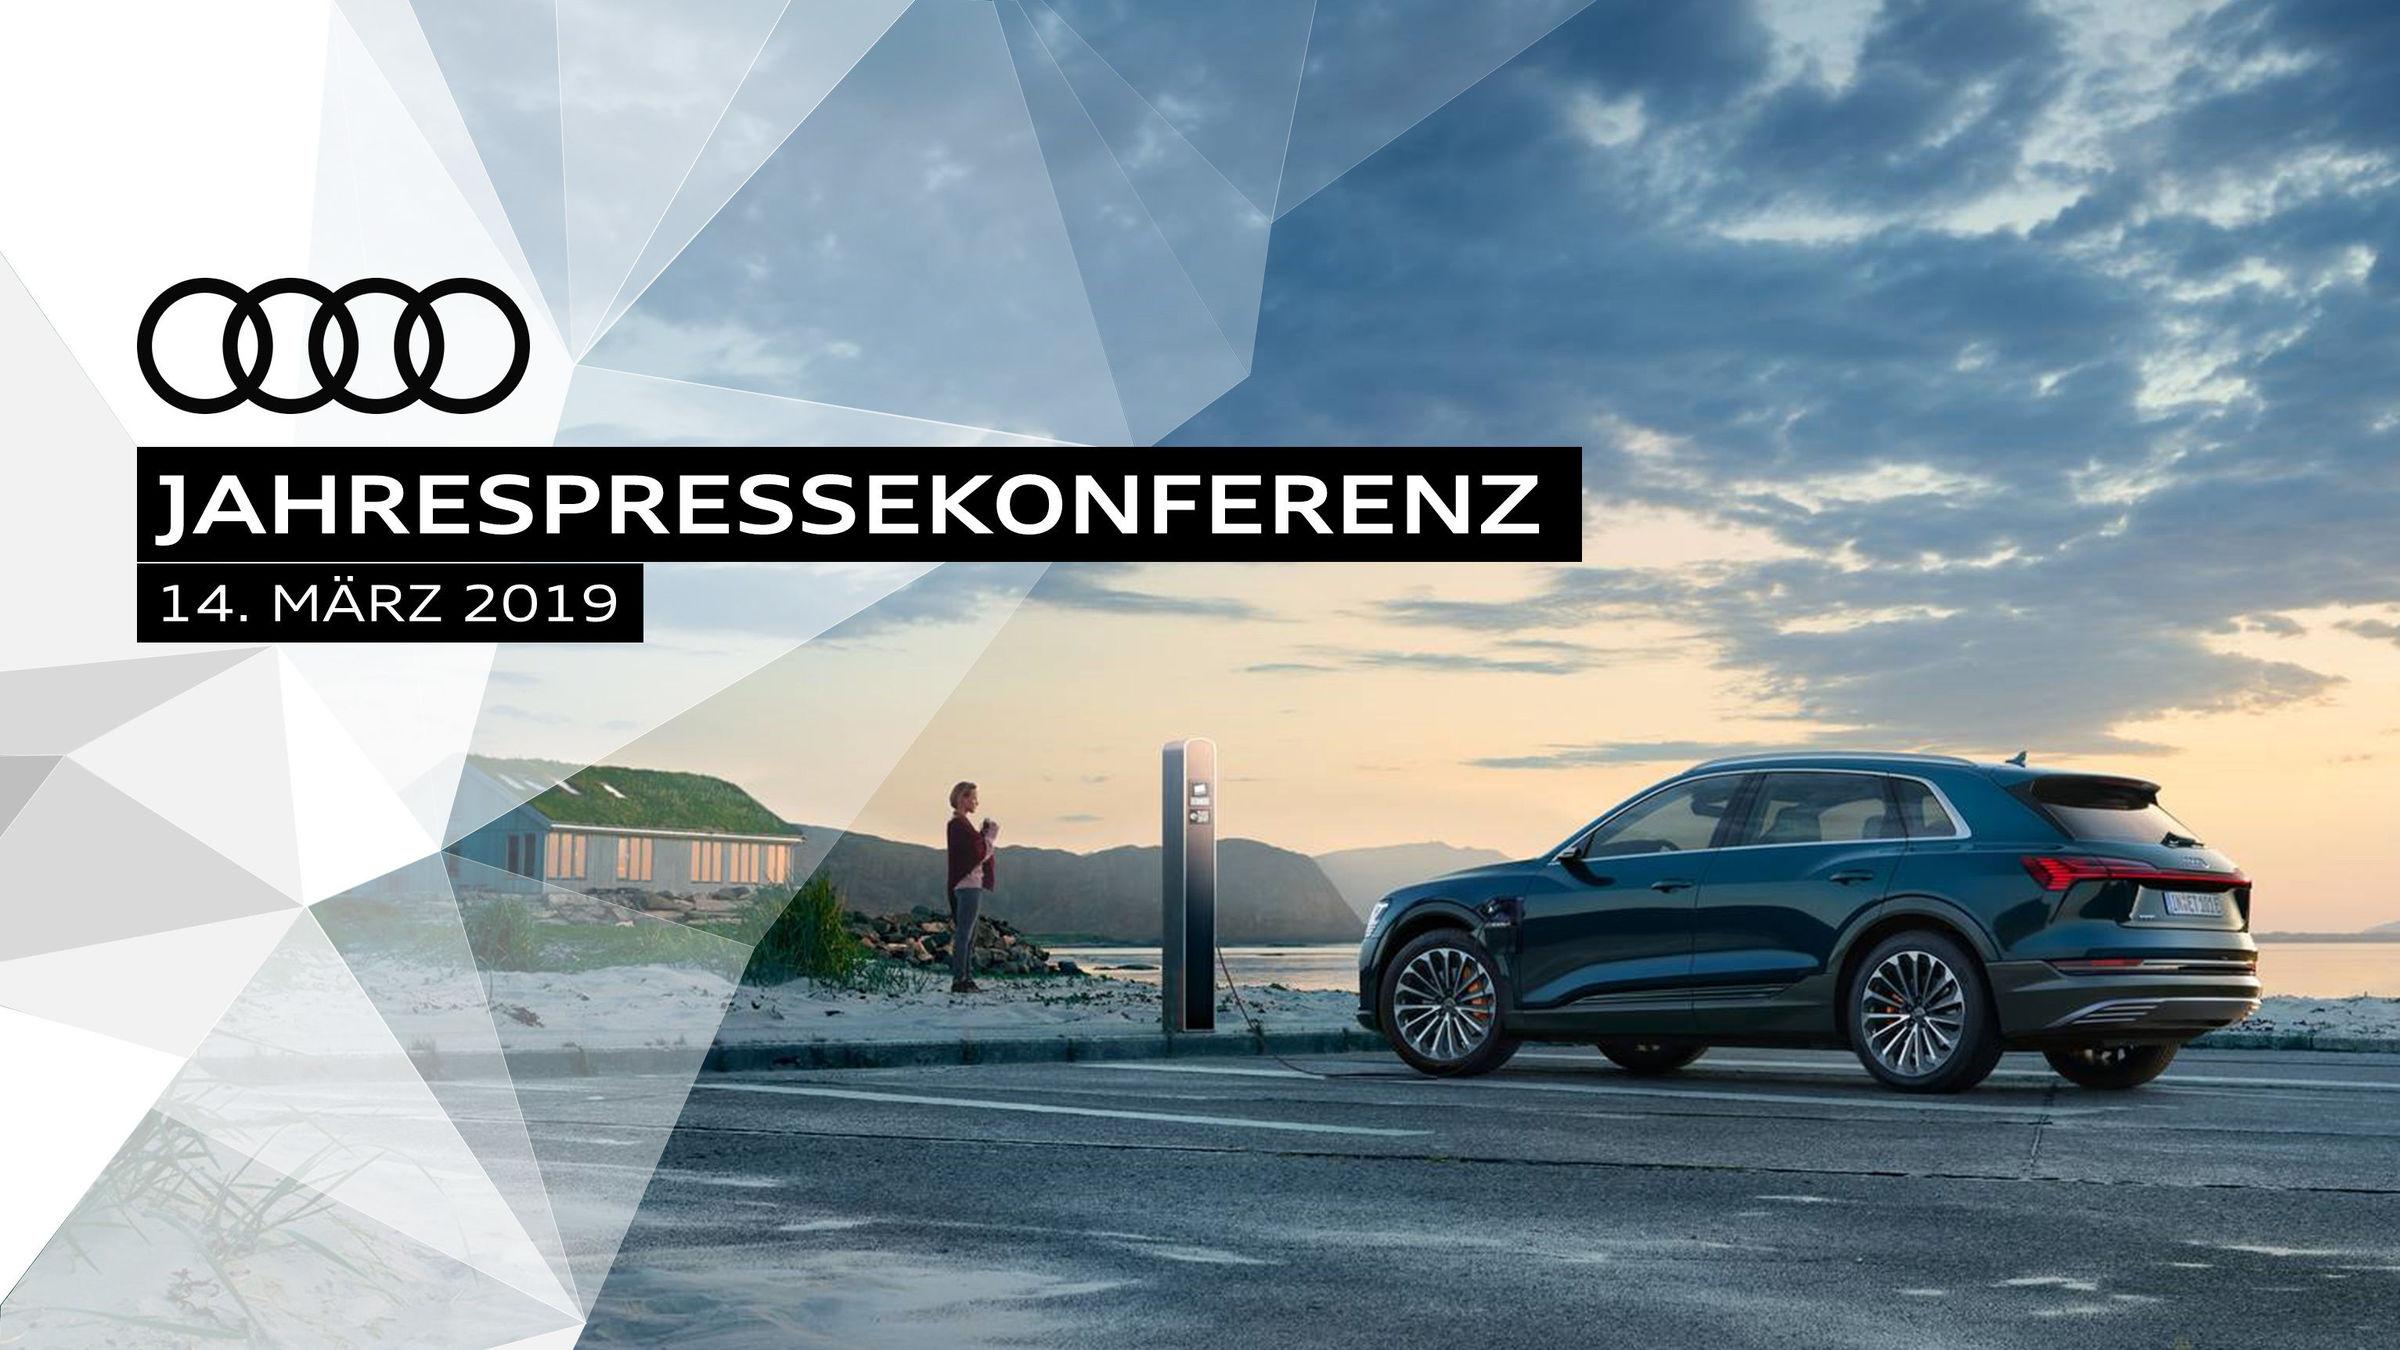 Jahrespressekonferenz 2019